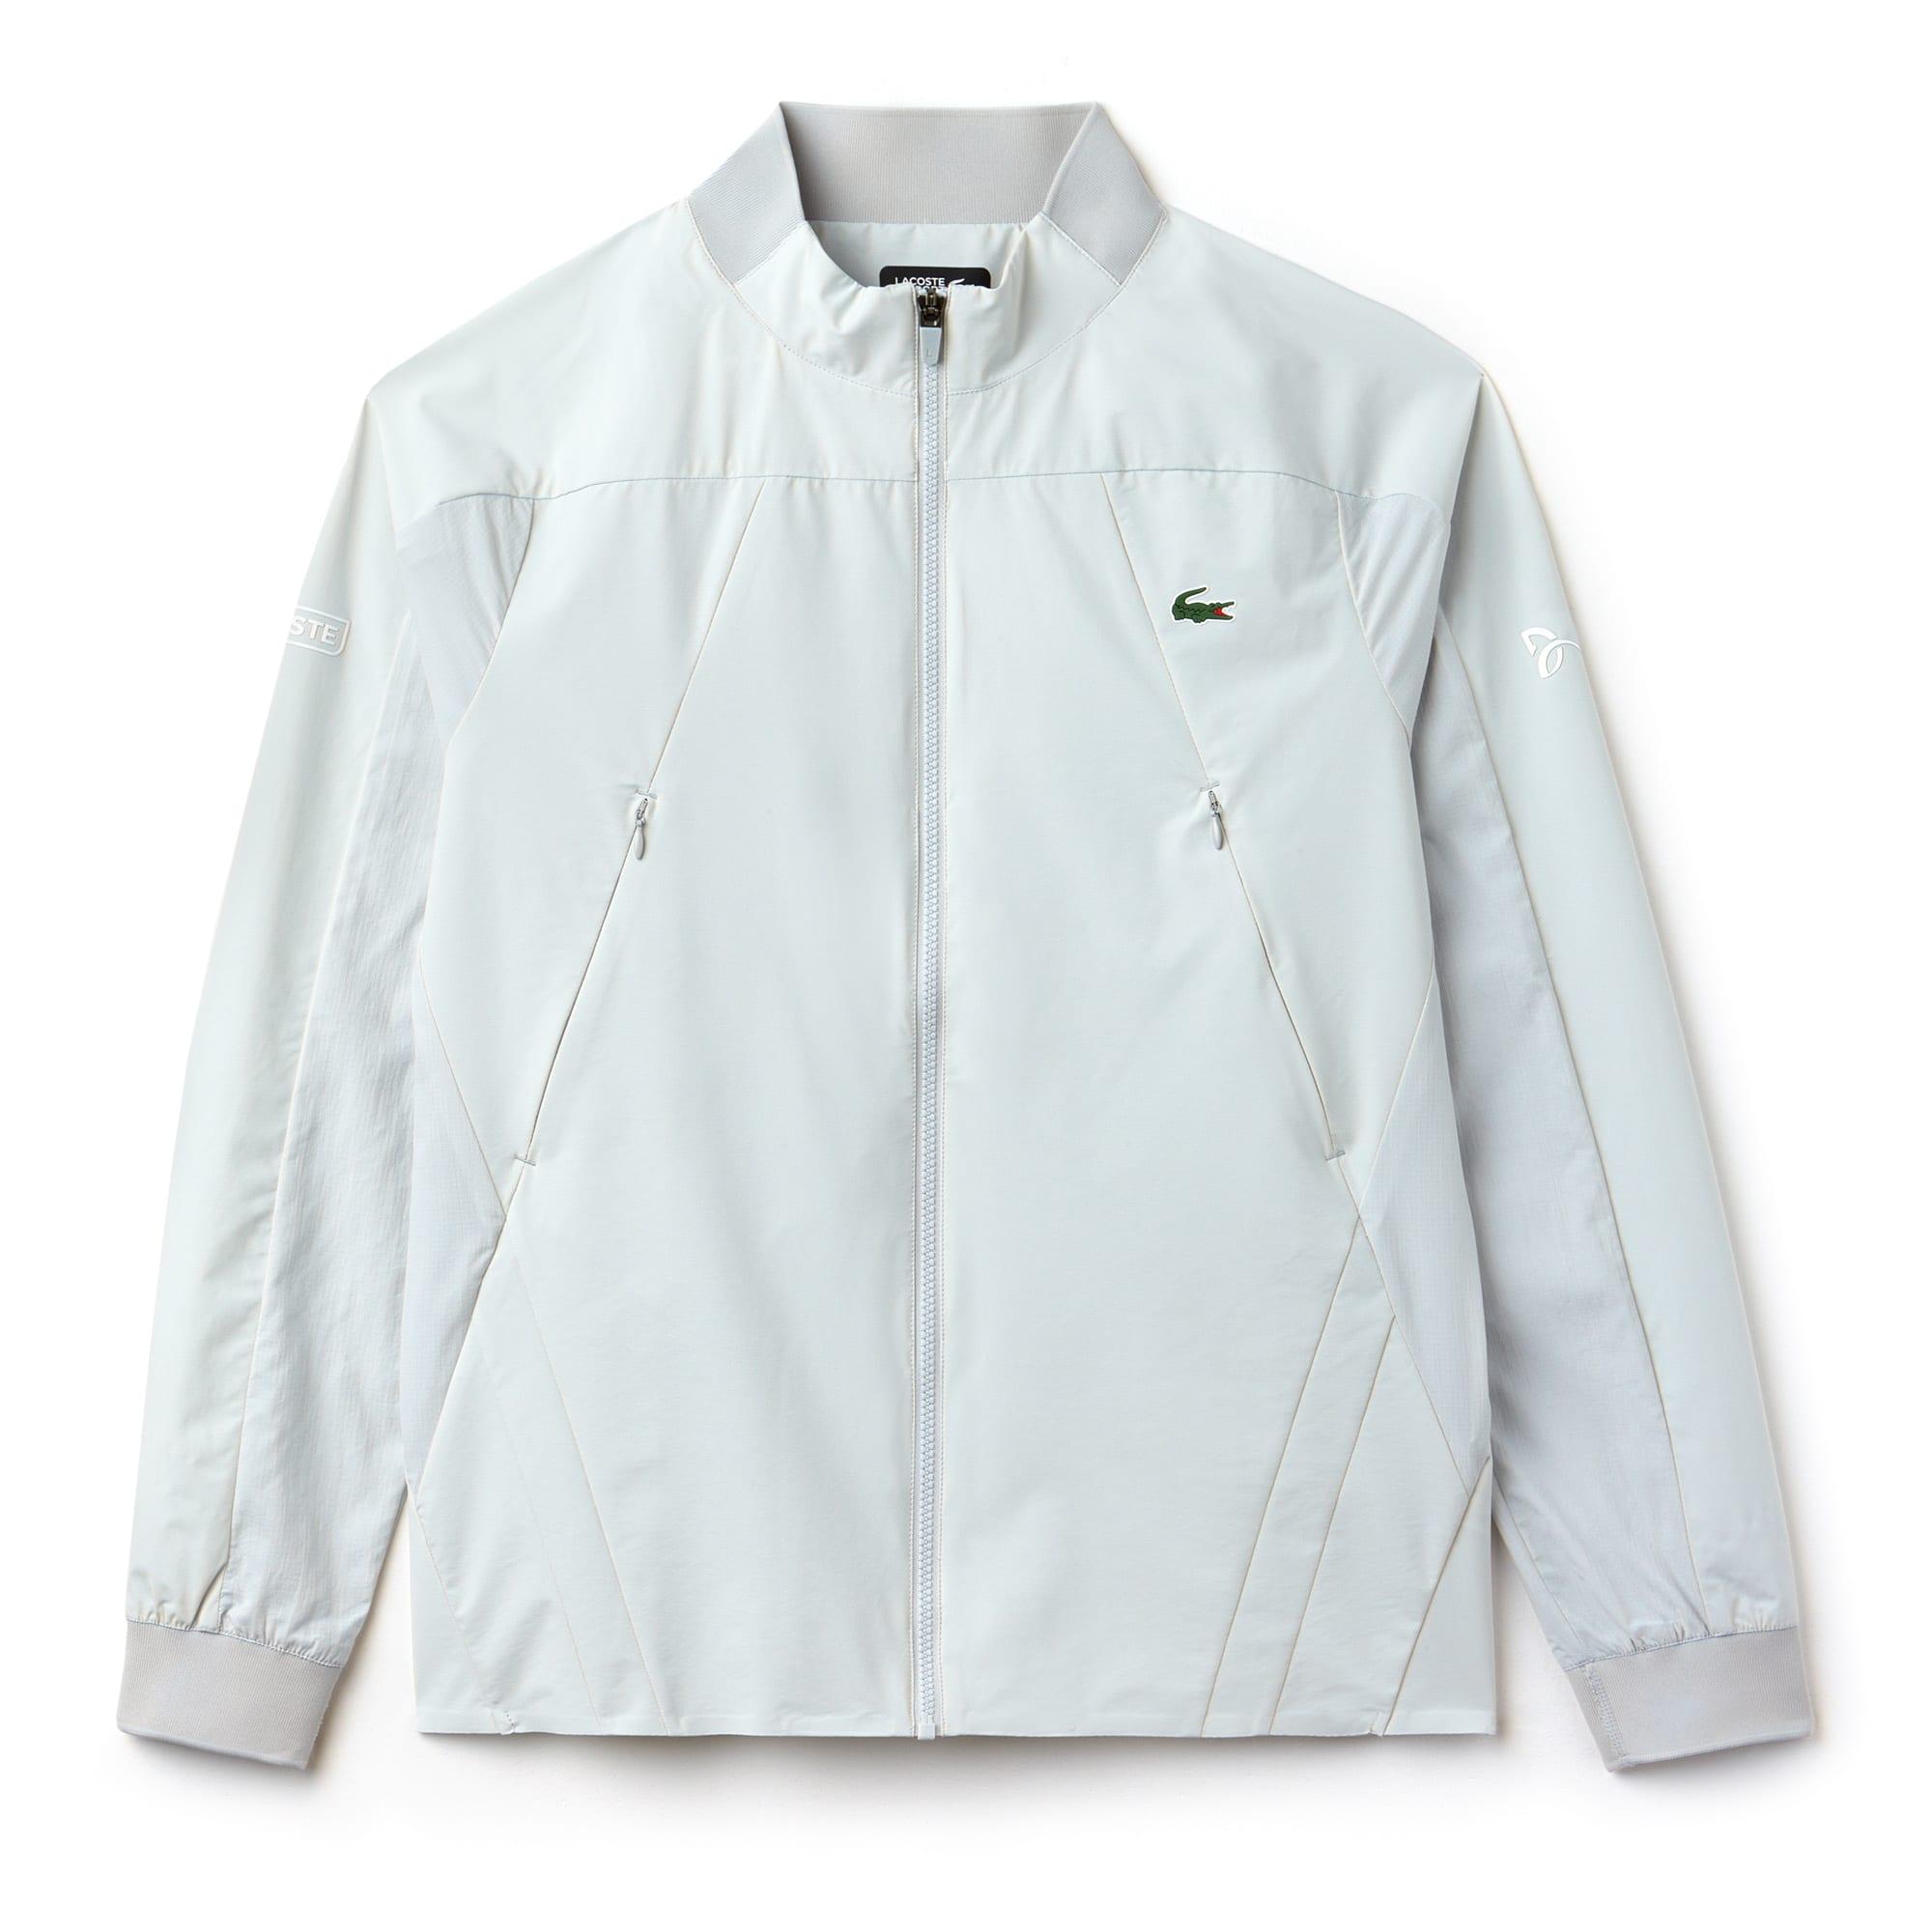 라코스테 Lacoste Mens SPORT Stand-Up Collar Taffeta Jacket - x Novak Djokovic Support With Style - Off Court Collection,armour/armour-white